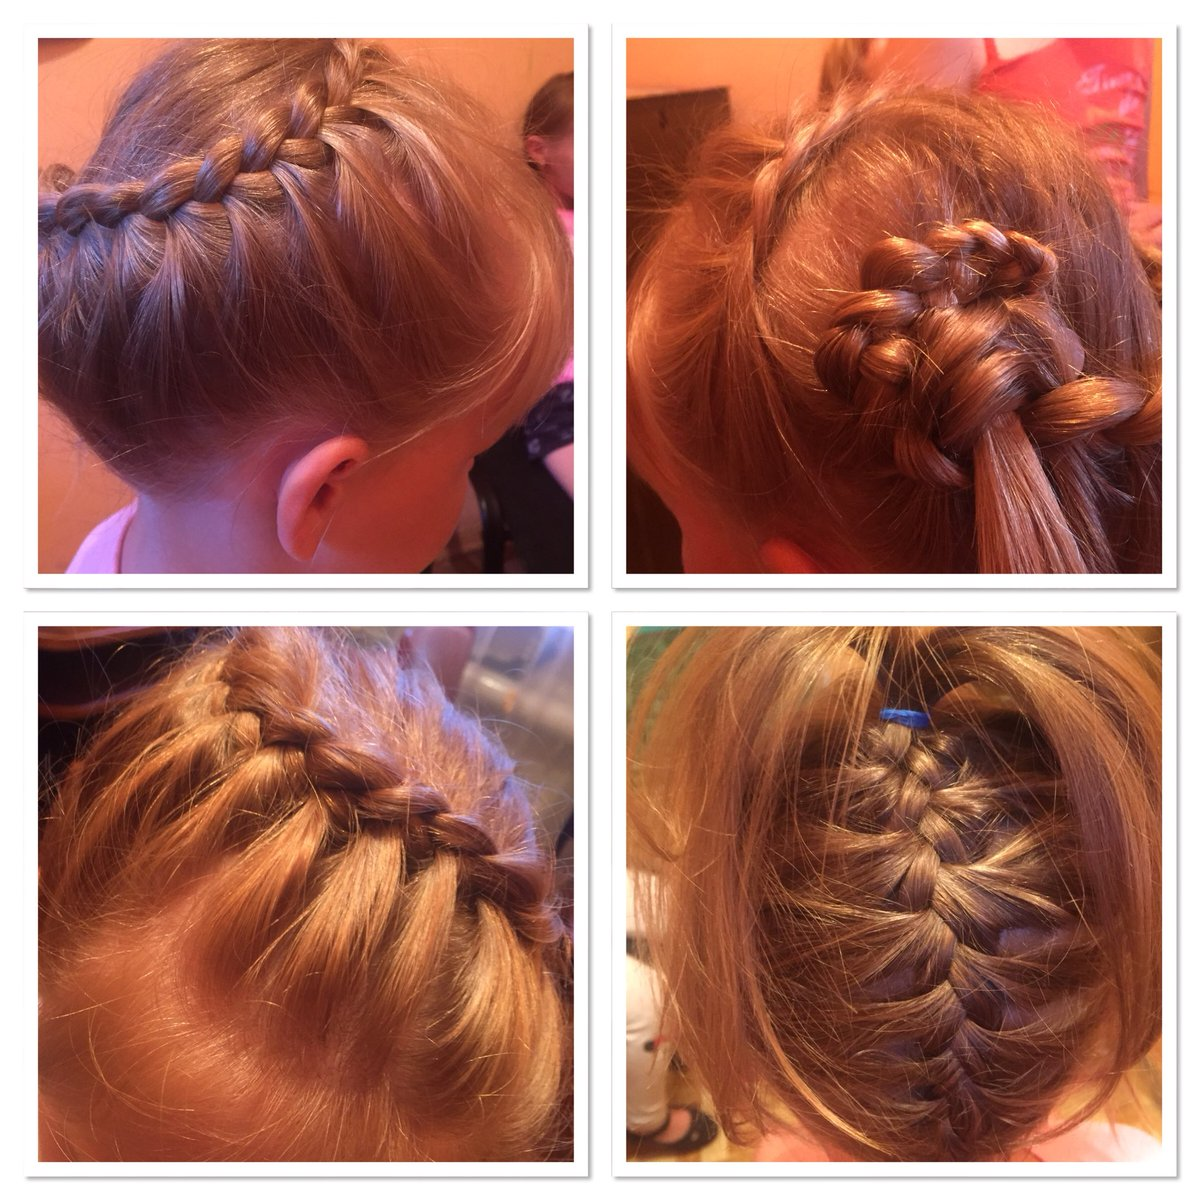 часть фотографий плетение кос фото пошагово для начинающих детям время пробовал